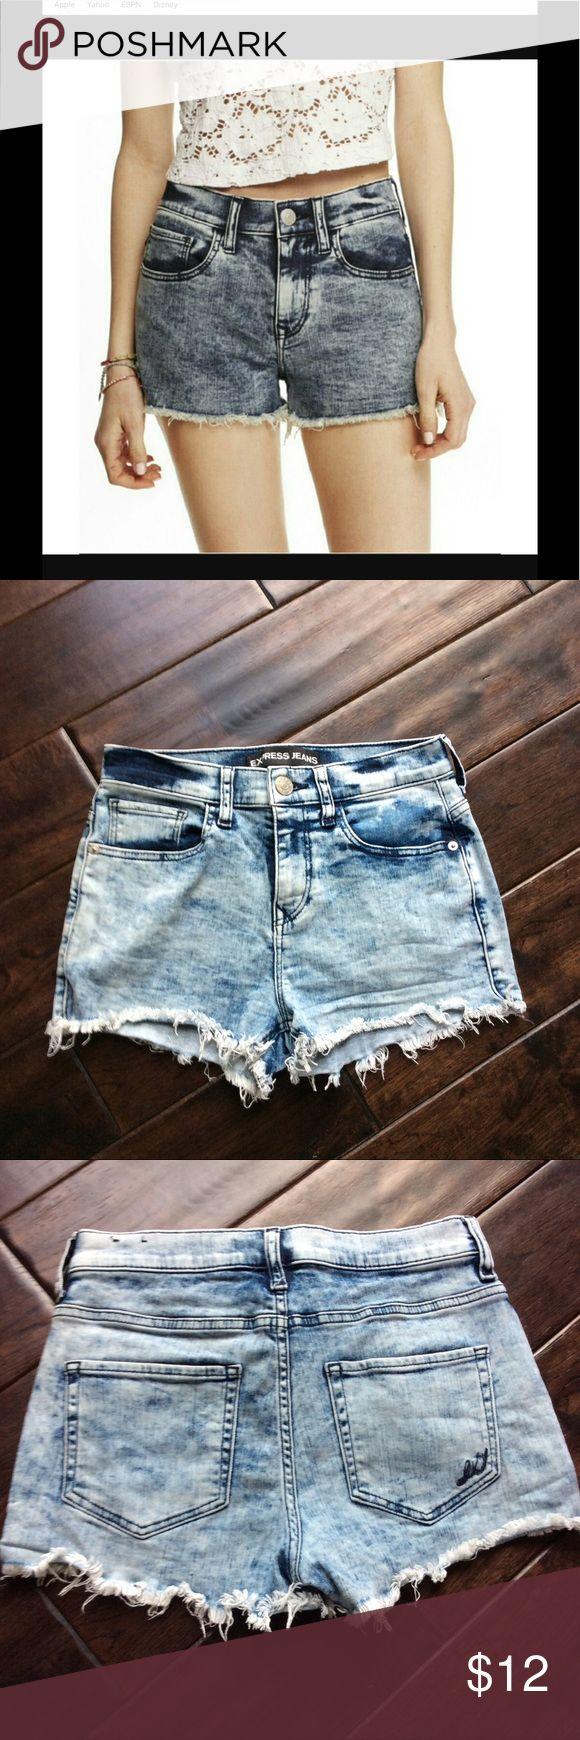 Express high waisted acid wash shorts. Perfect for summer.  Express acid wash shorts in size 2. Express Shorts